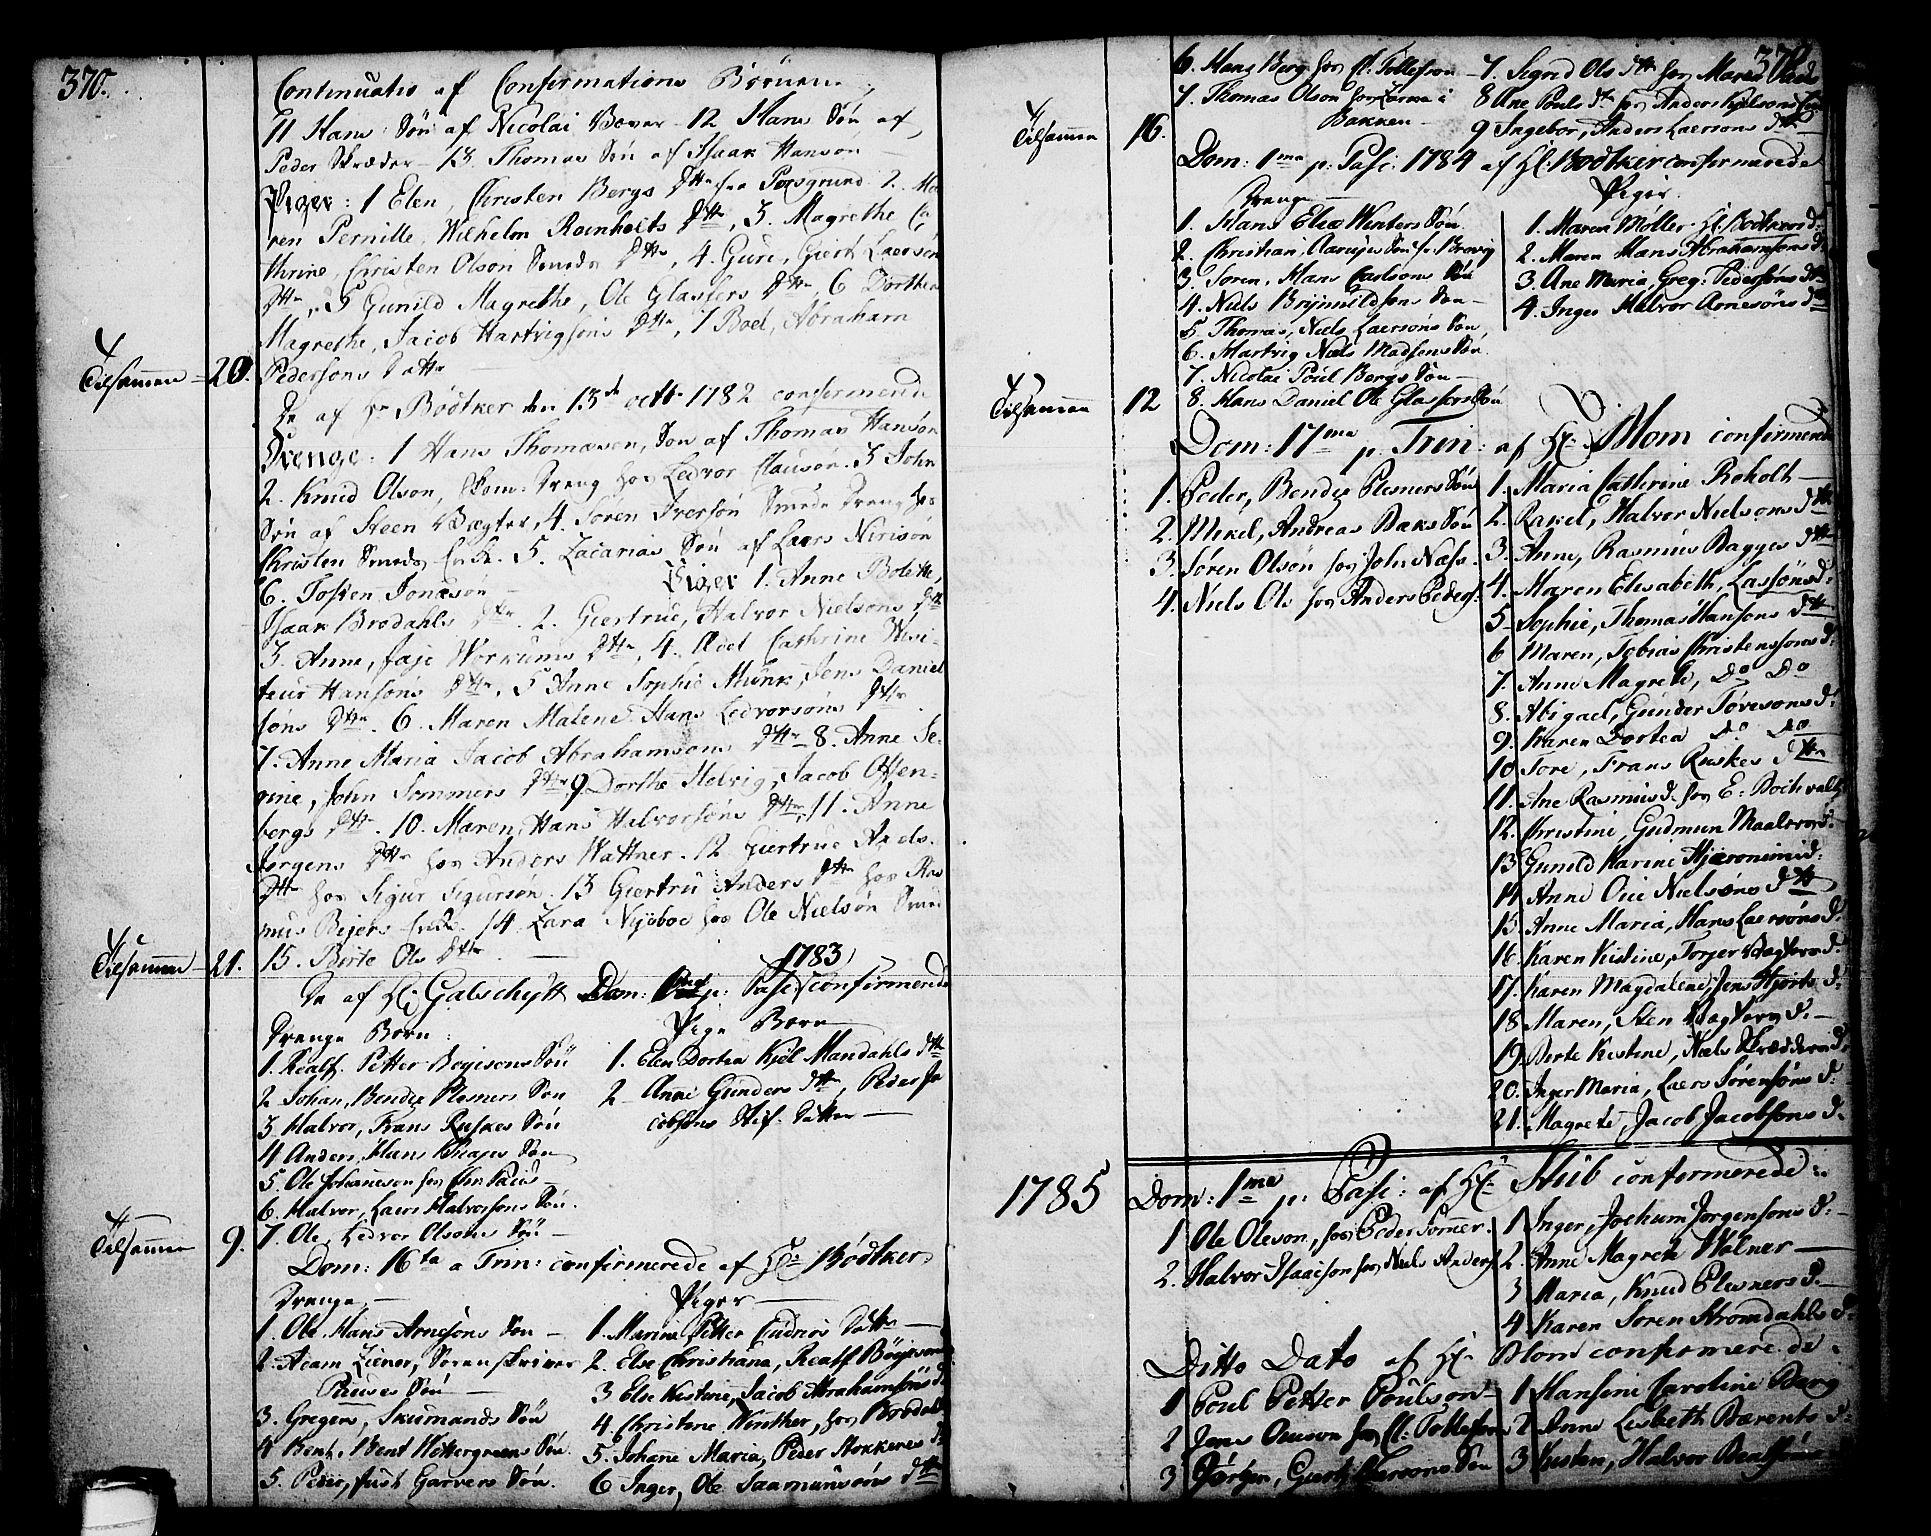 SAKO, Skien kirkebøker, F/Fa/L0003: Ministerialbok nr. 3, 1755-1791, s. 370-371